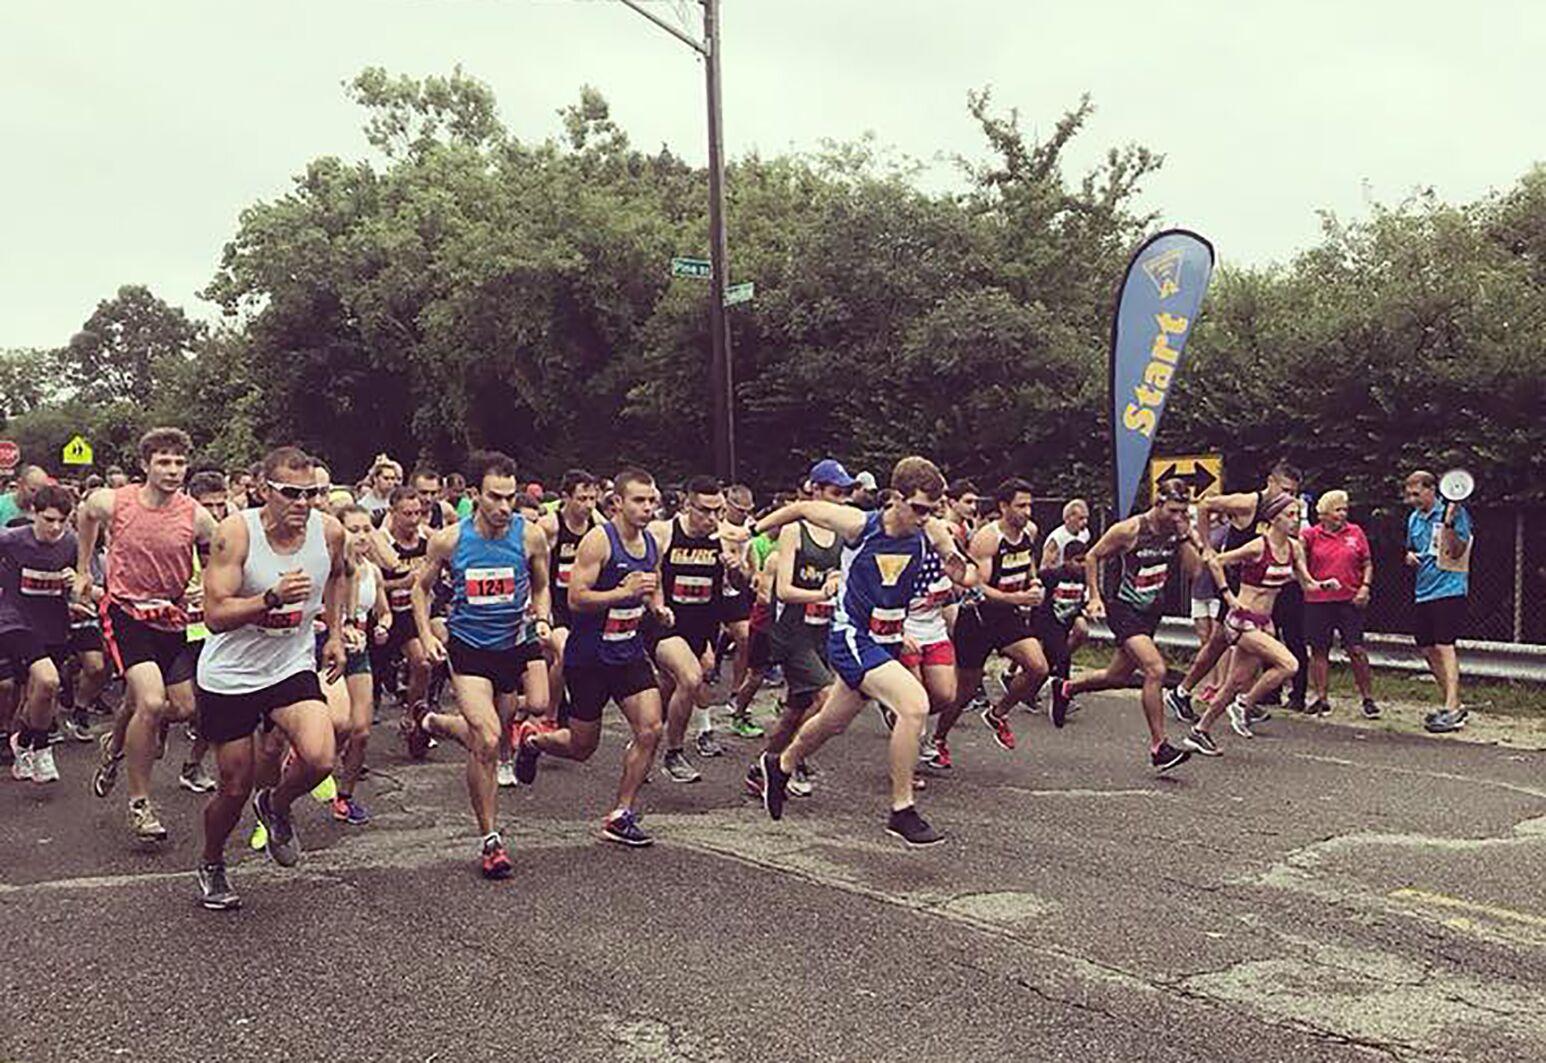 Plainview communtiy runs 16th Annual 5K Run.